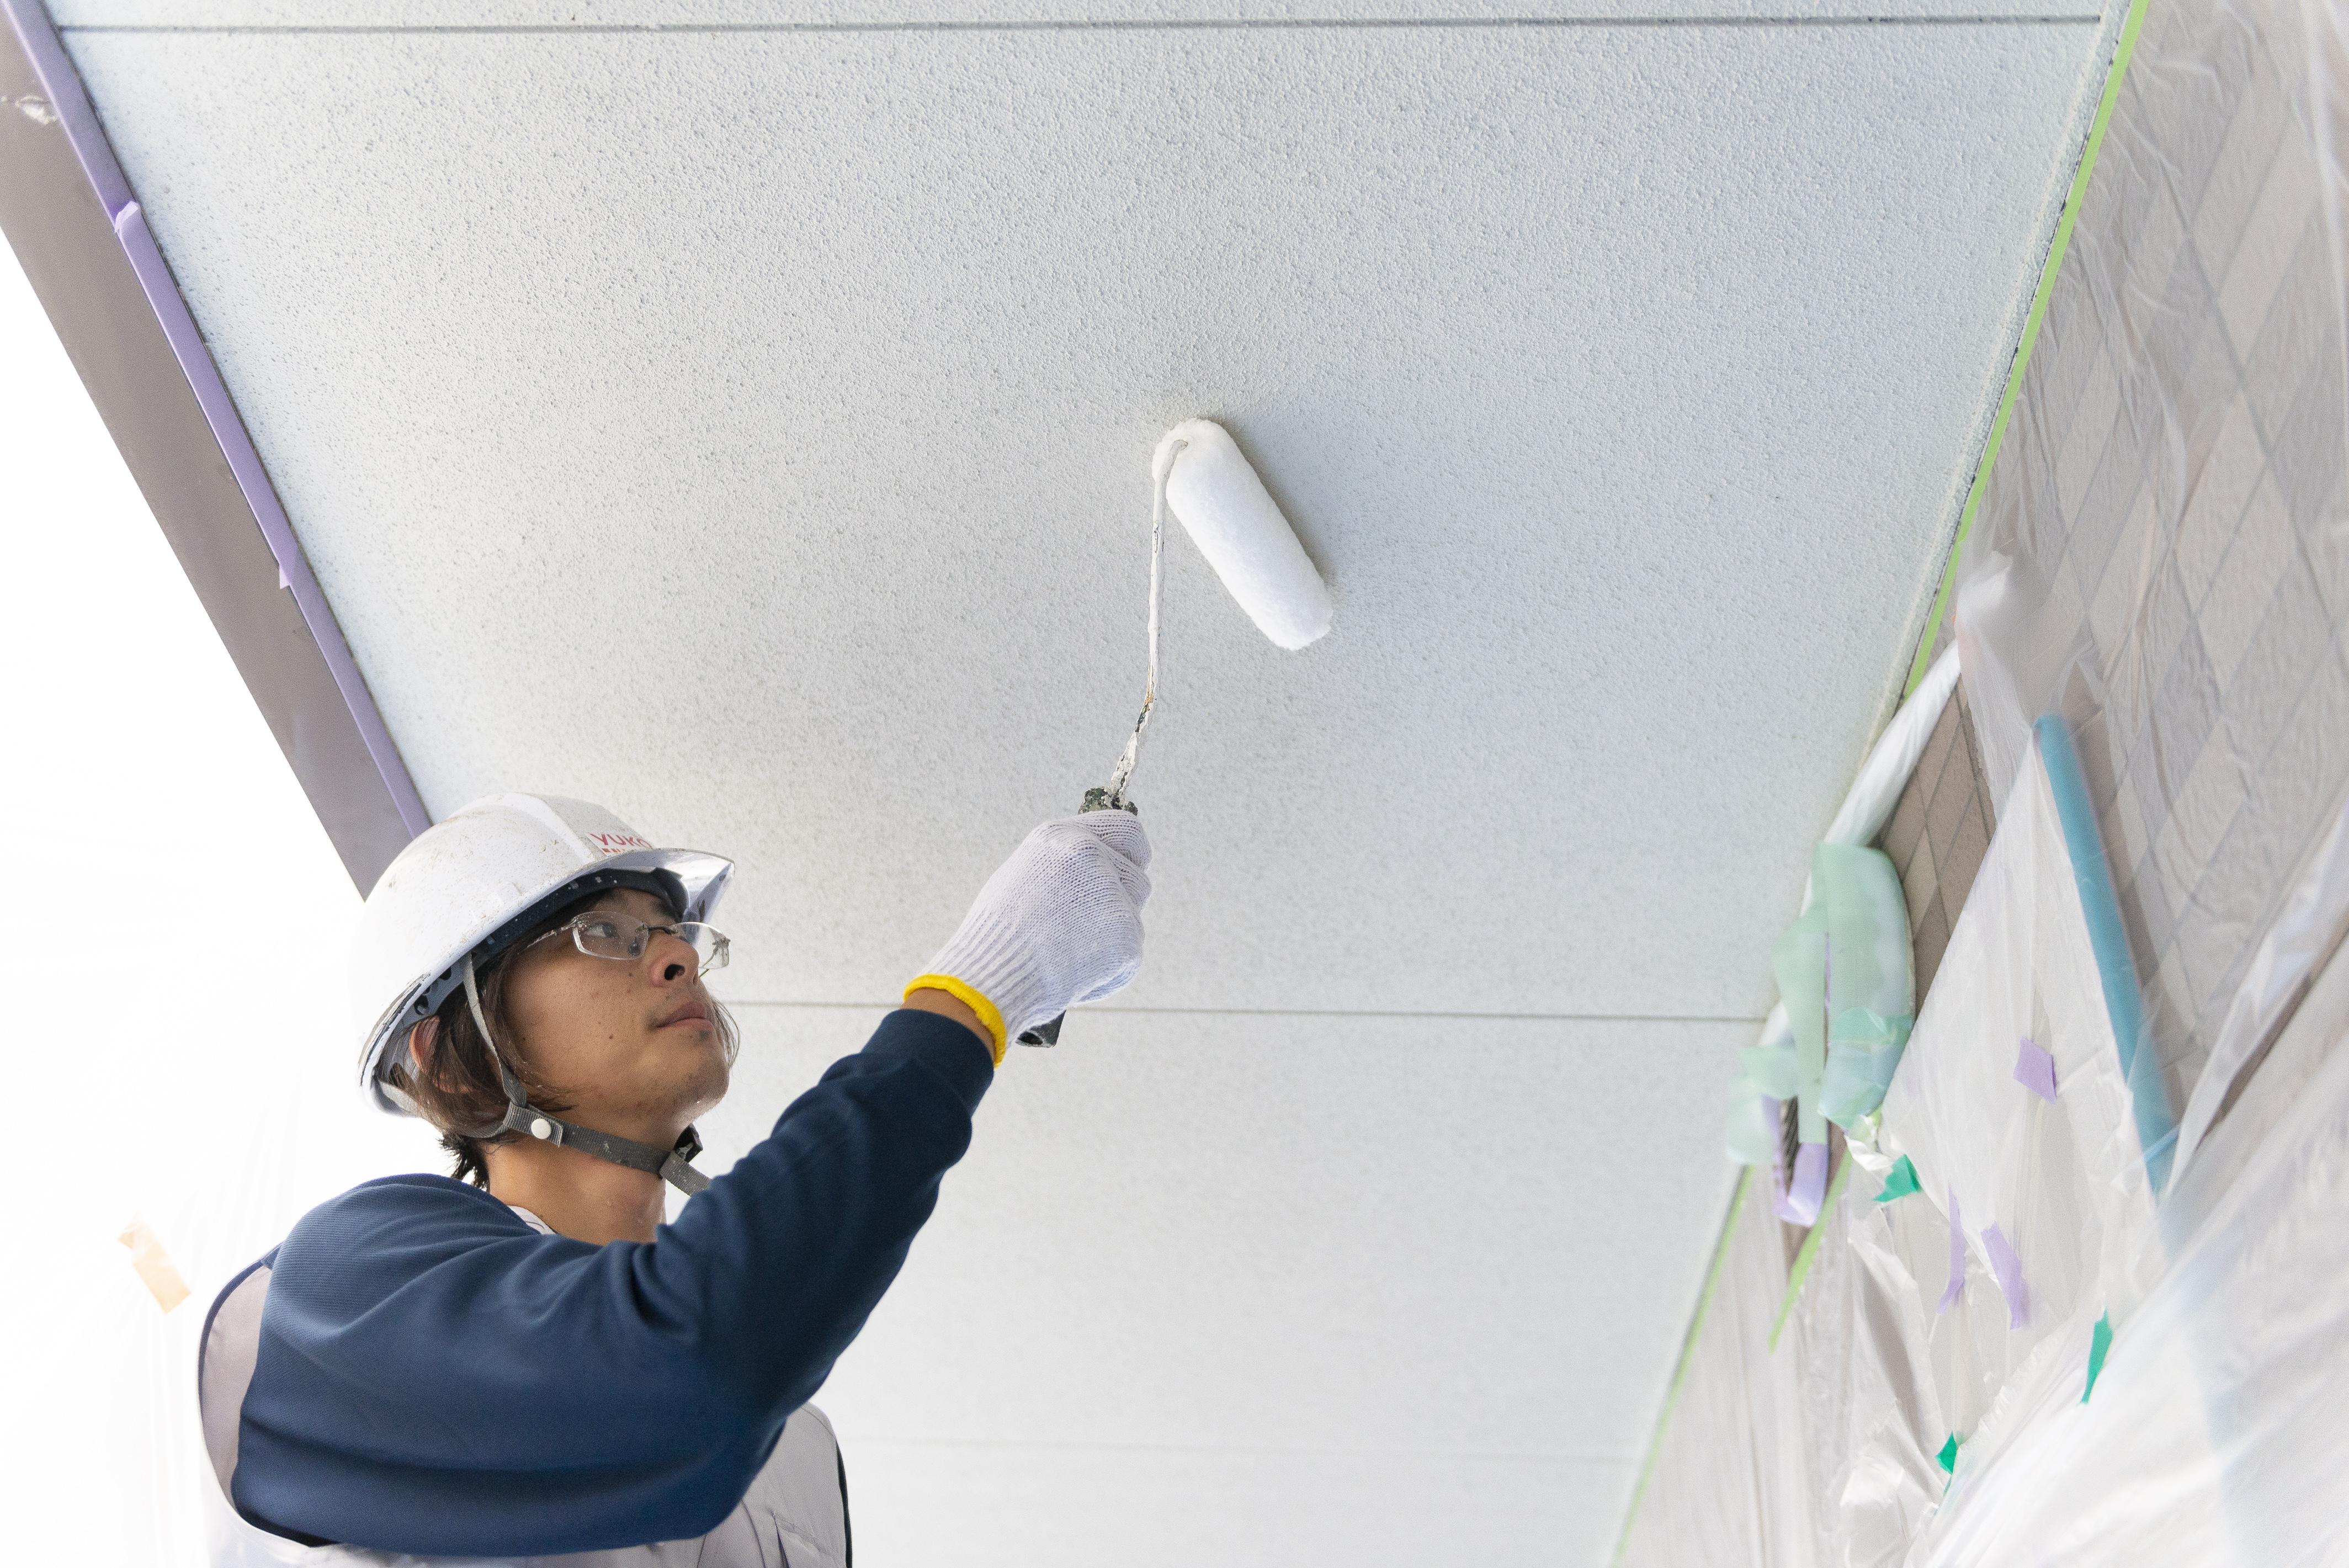 「付帯塗装」が必要な理由とは|塗るべき9箇所と注意点を徹底解説!